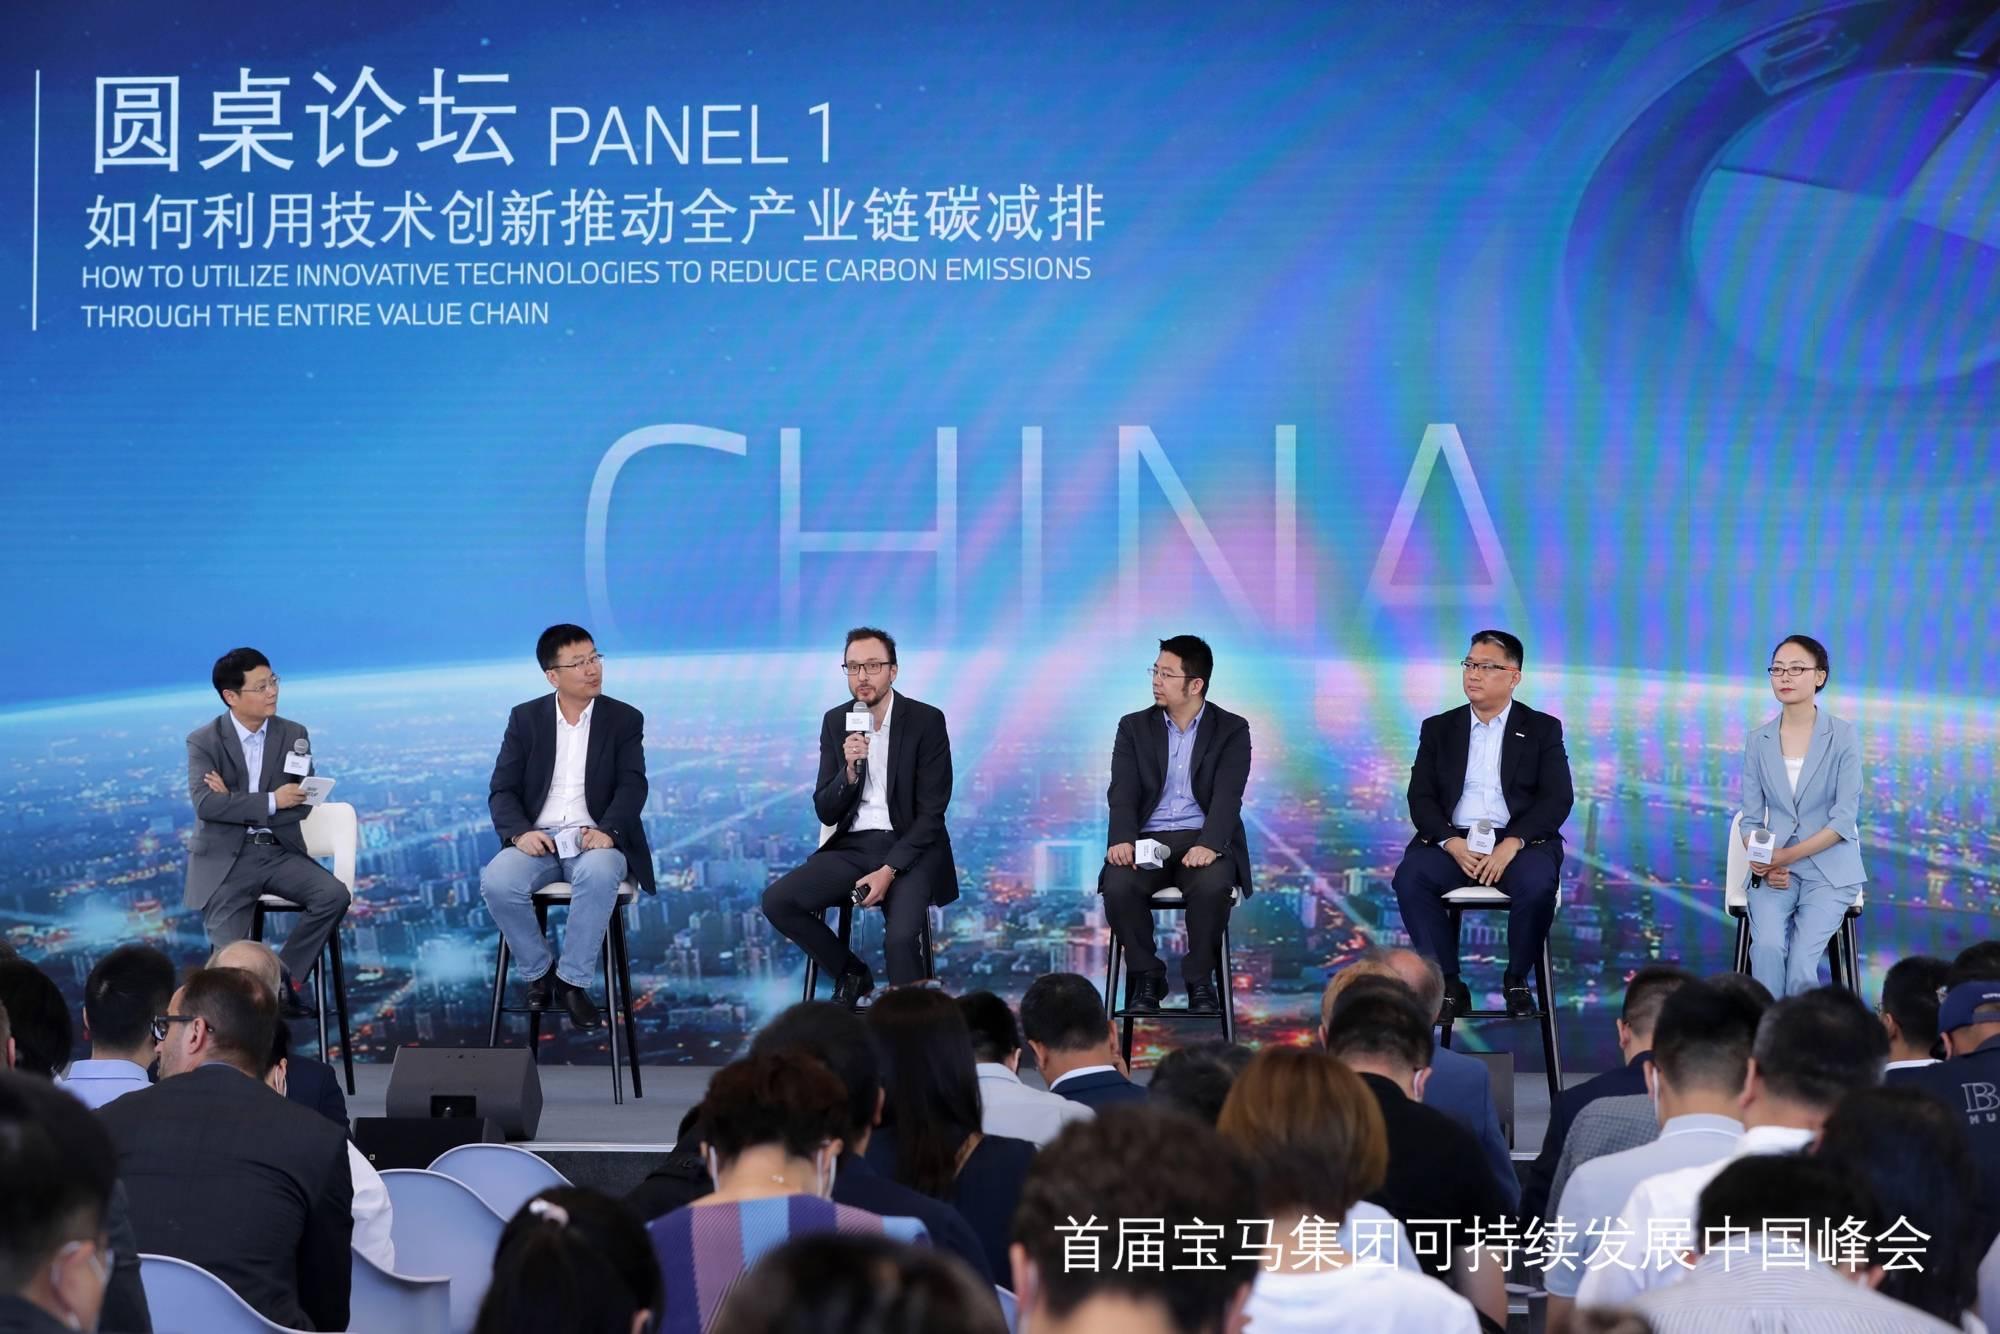 圆桌论坛1:如何利用技术创新推动全产业链碳减排现场